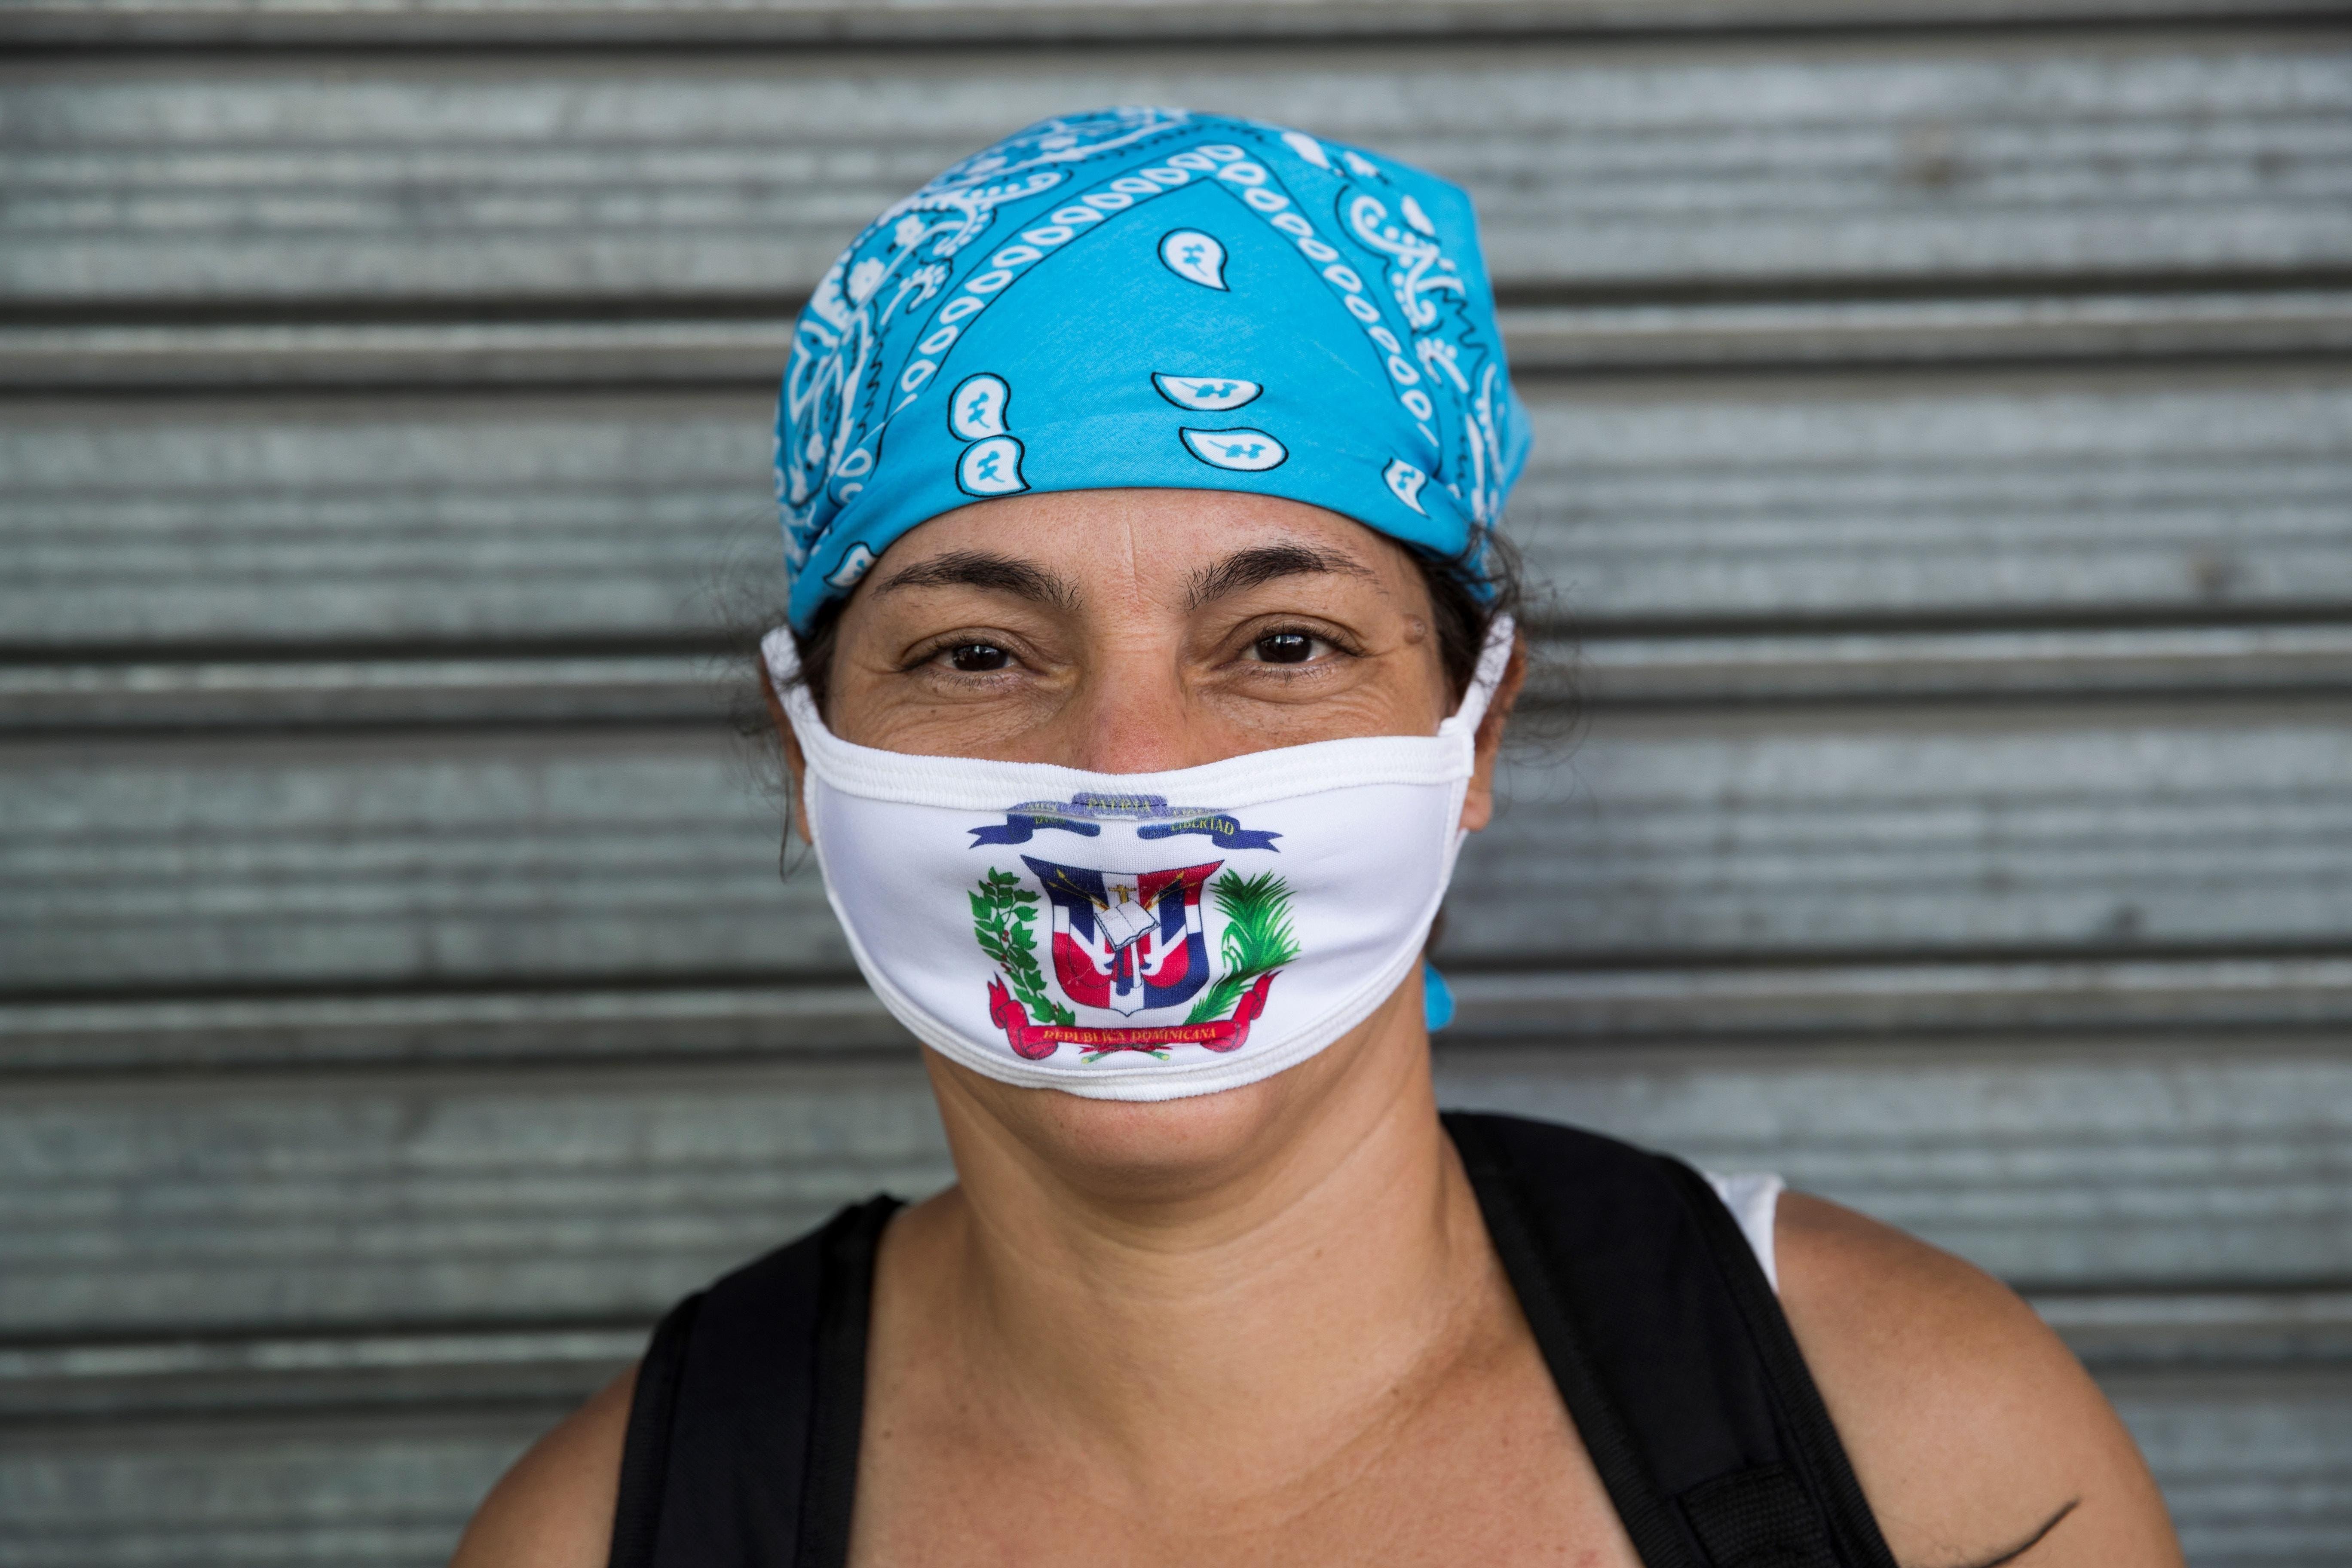 Muchos usan mascarillas para evitar inhalar el virus.